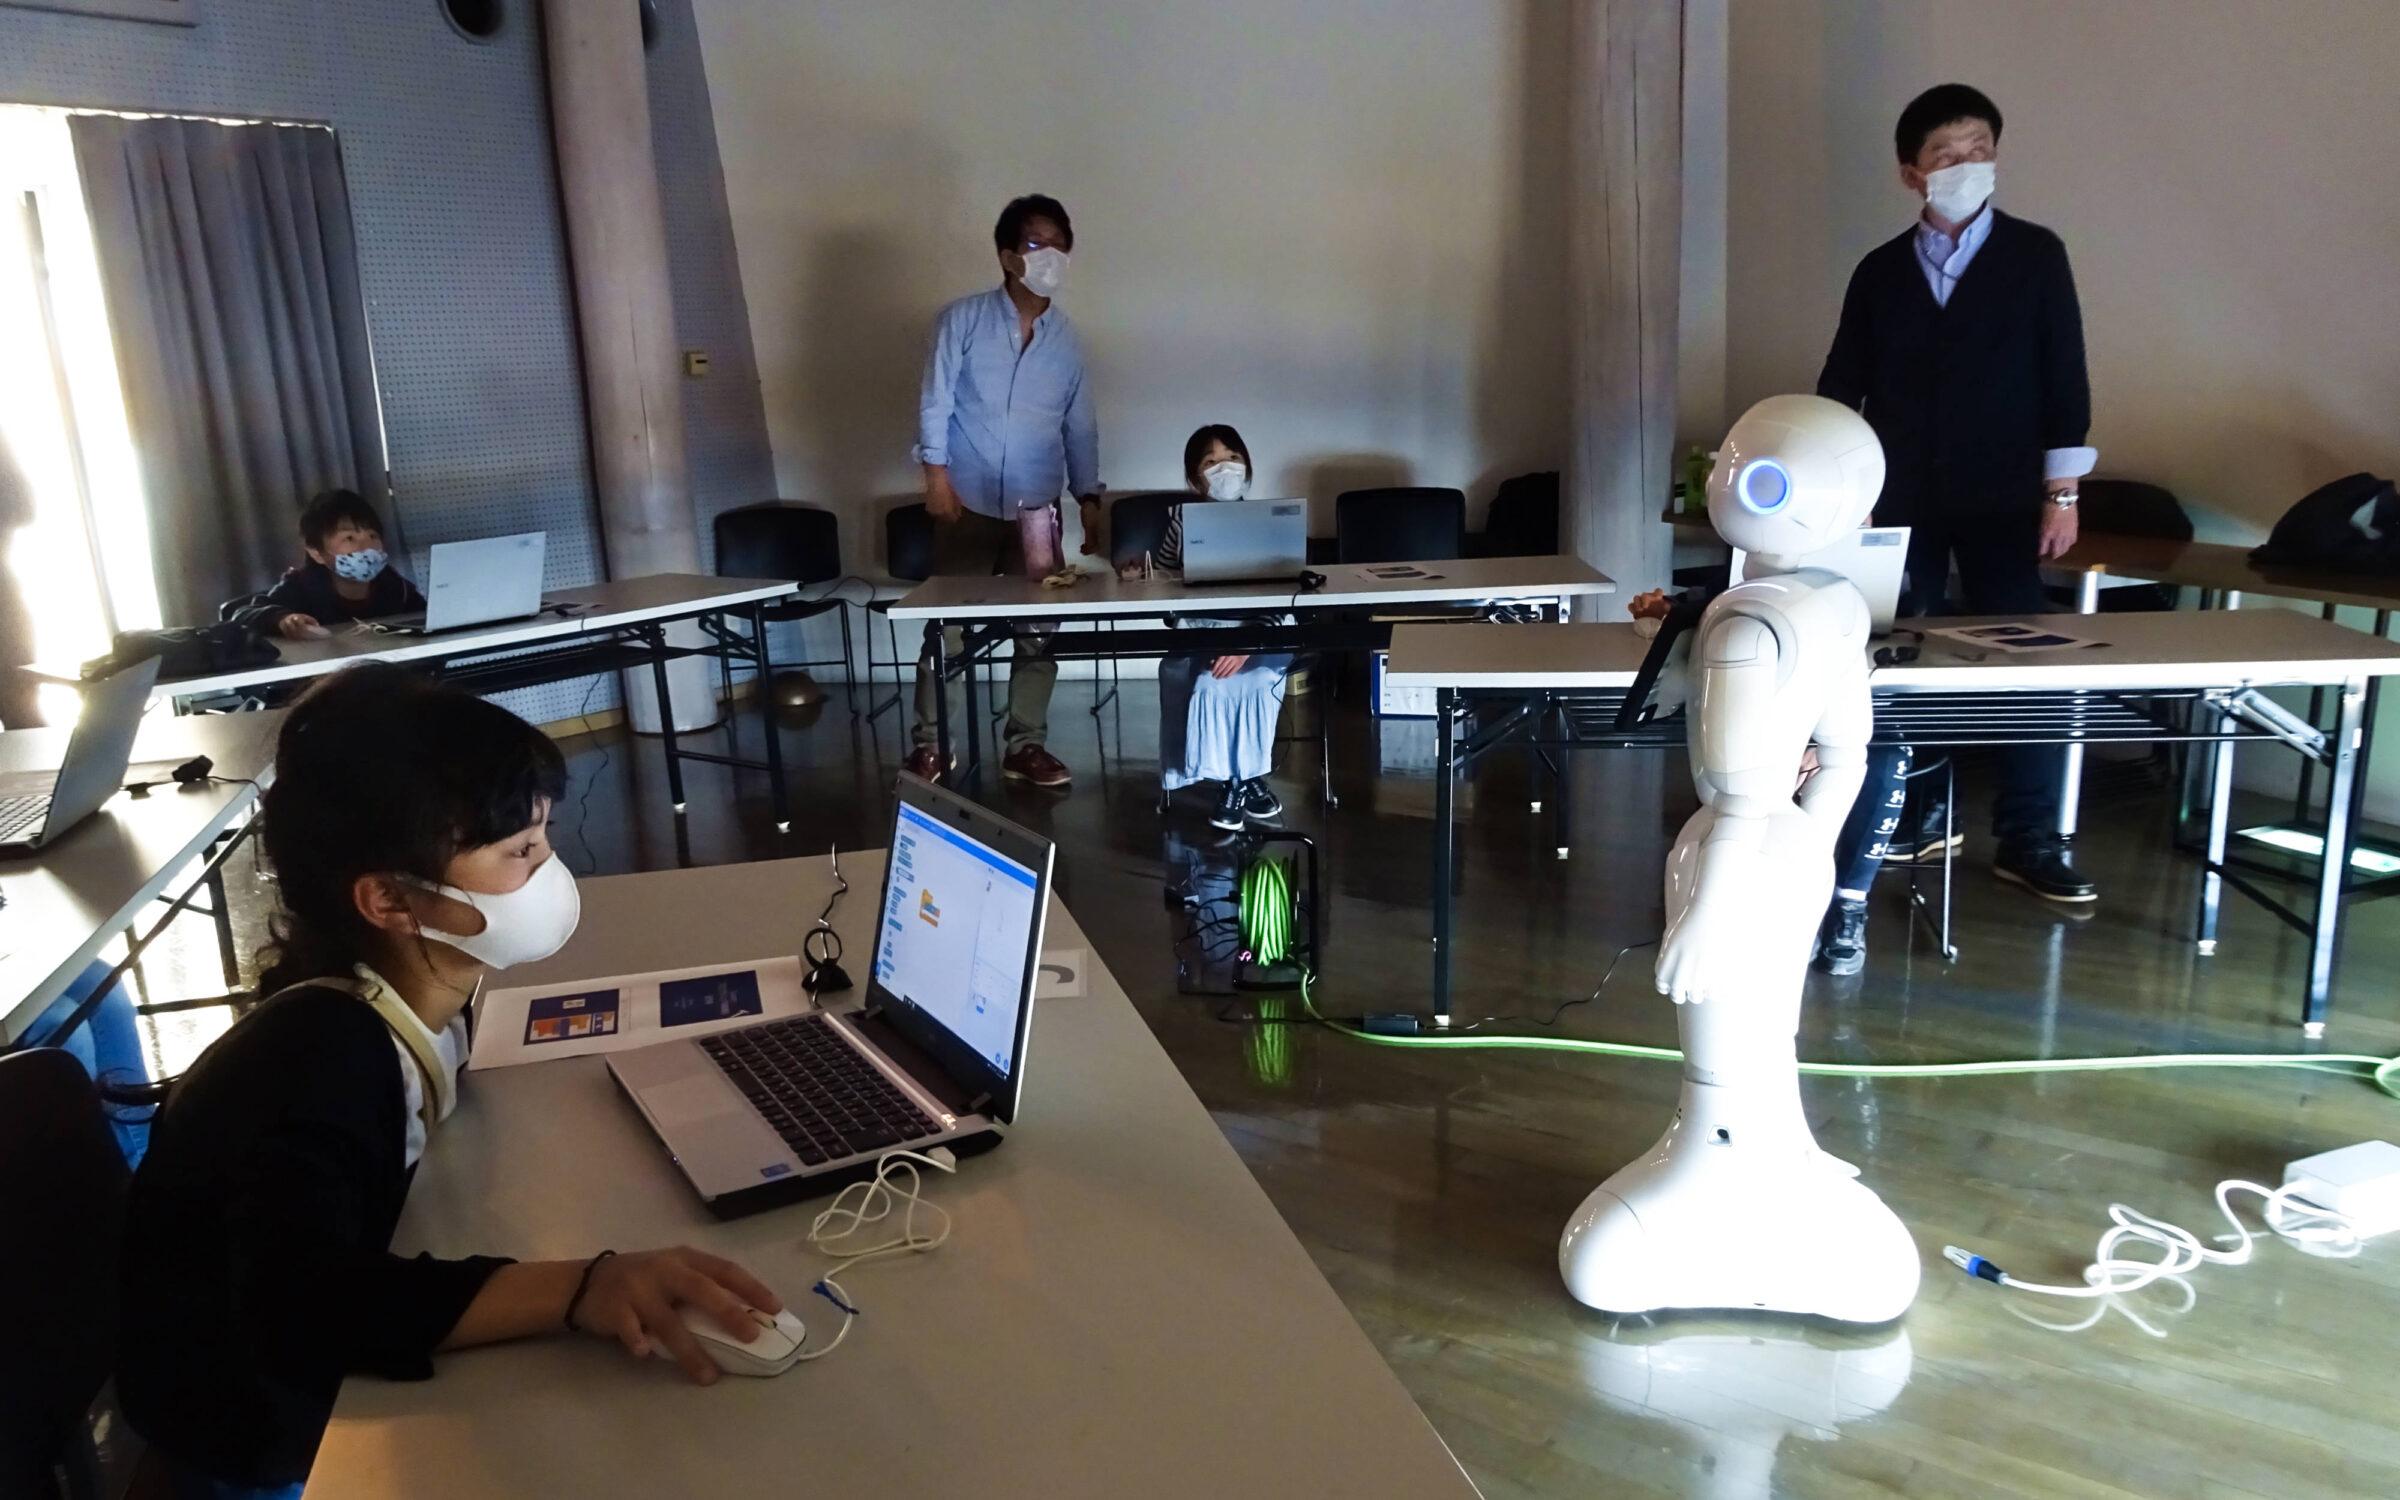 ゲーム制作や人型ロボットの制御など。サイエンス・コミュニケーションプロジェクトが児童を対象に「プログラミング体験教室」を開催しました。